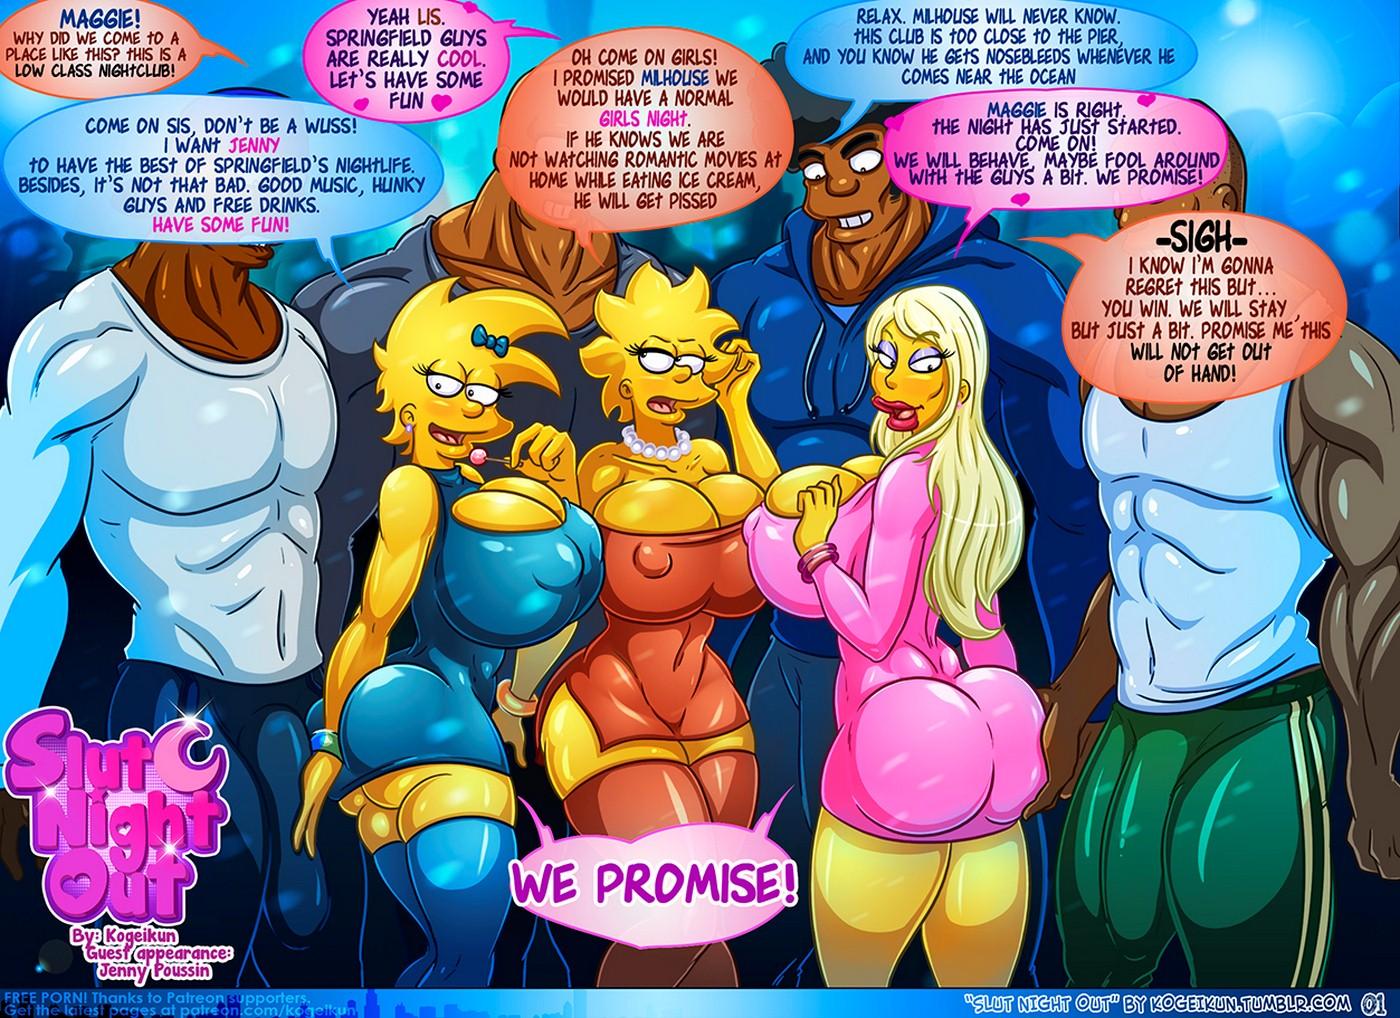 Slut Night Out - Simpsons [Kogeikun]